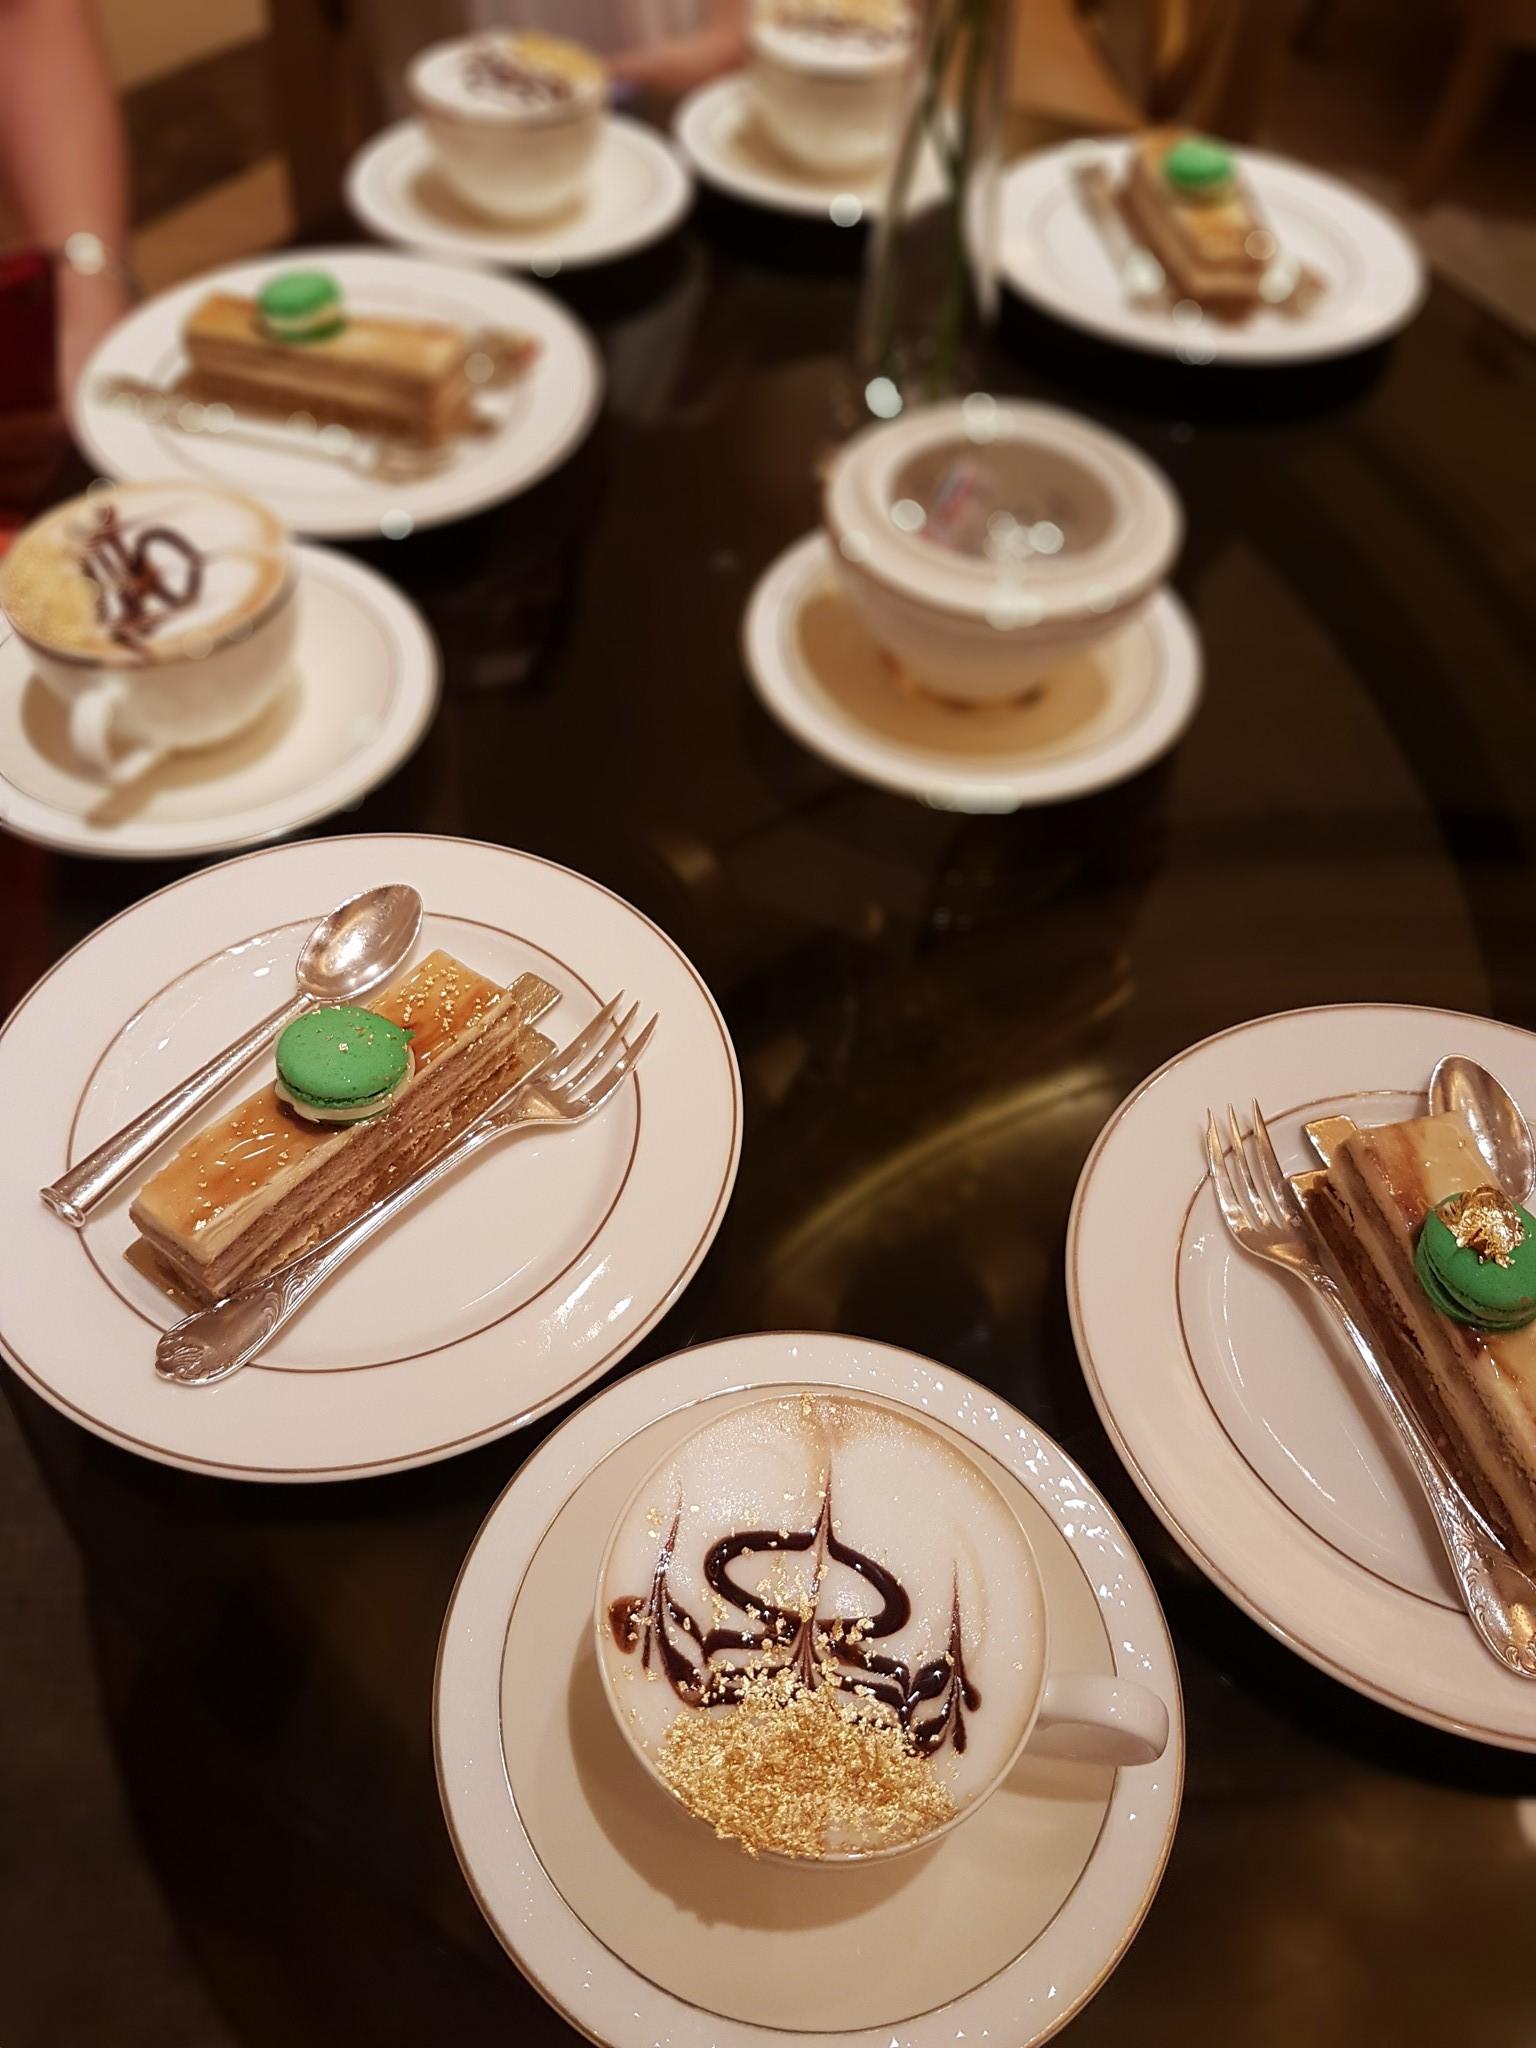 Thưởng thức món ăn xa xỉ trong khách sạn 7 sao, Dubai